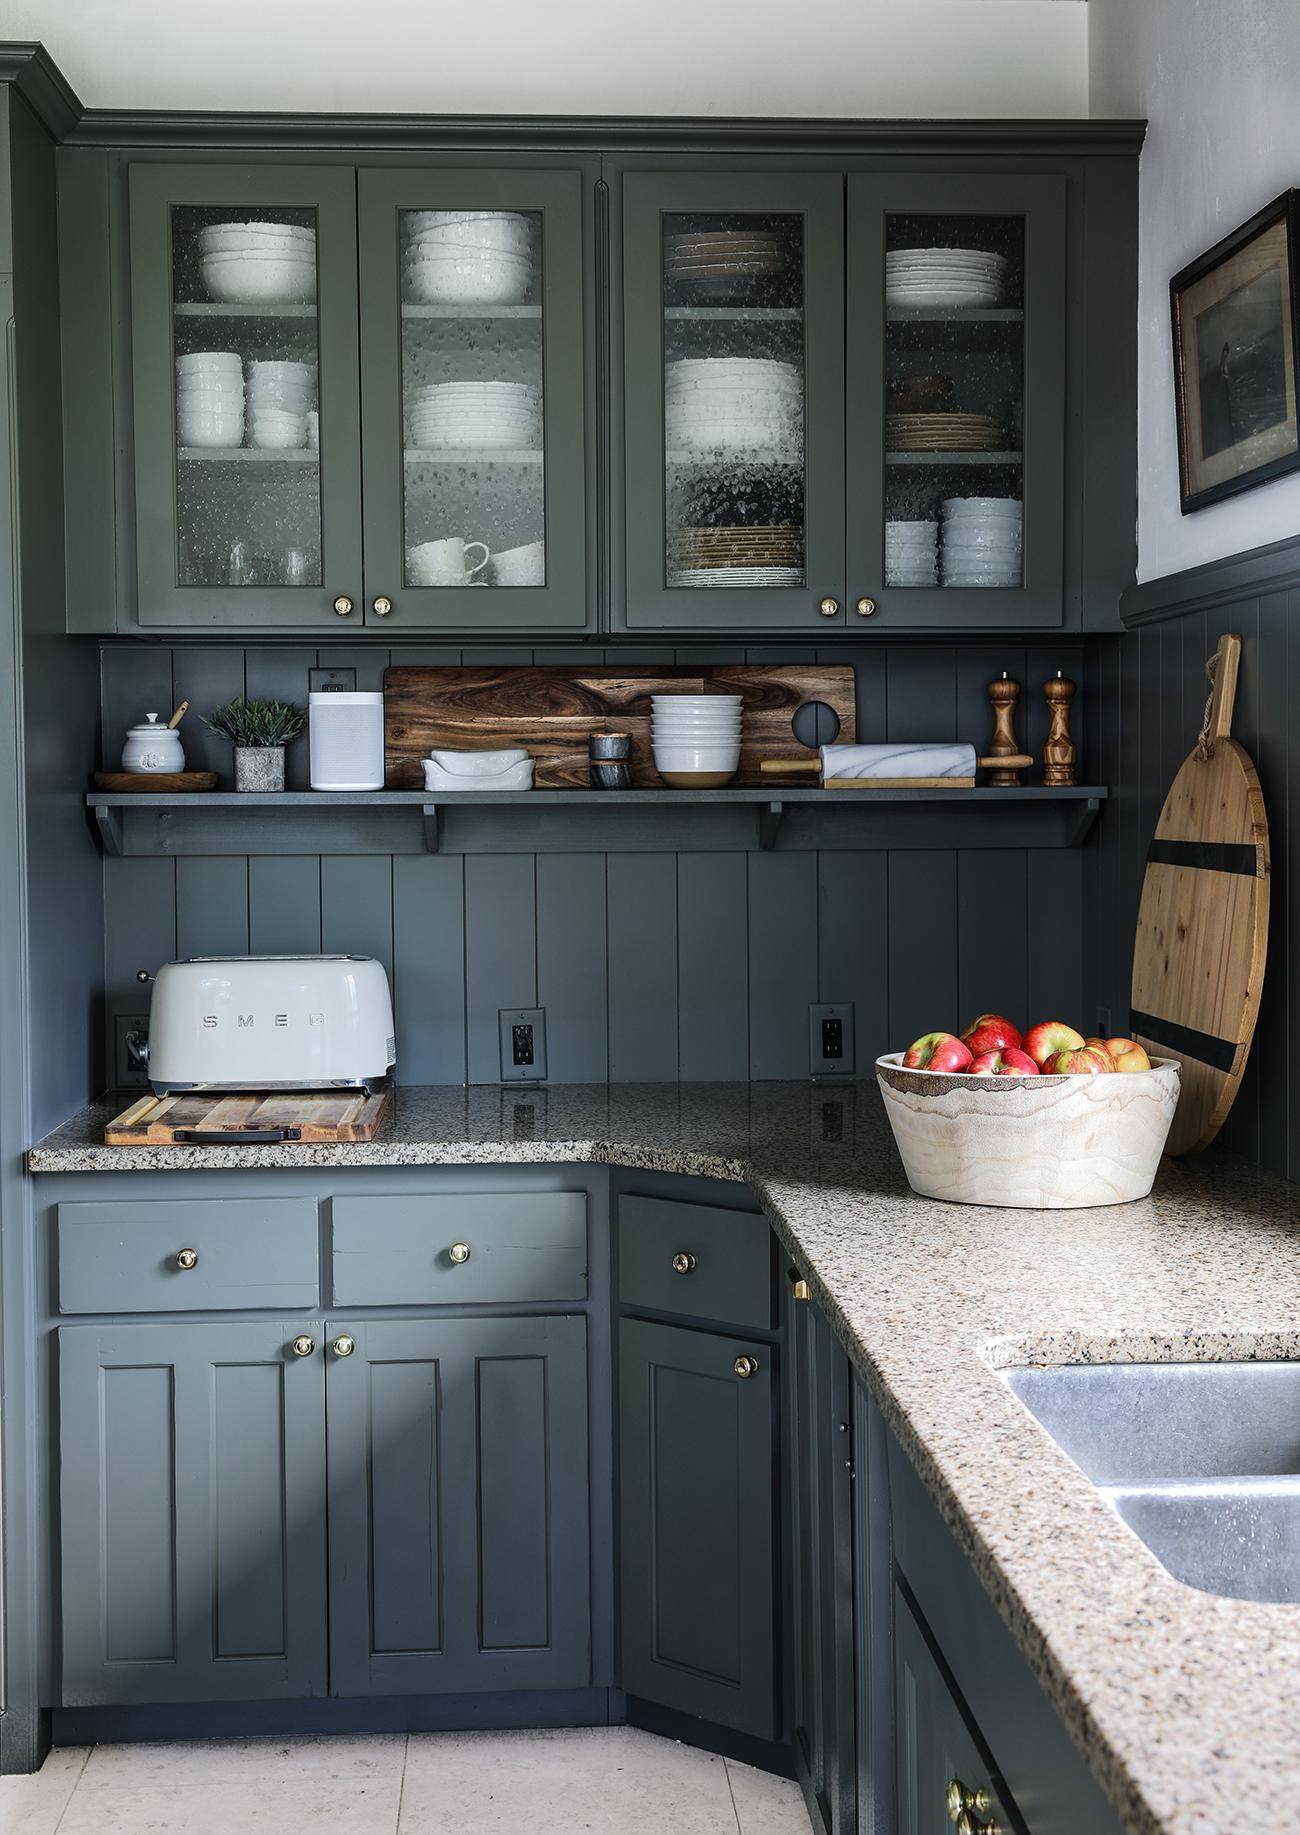 Budget Friendly modern cottage kitchen3.jpg